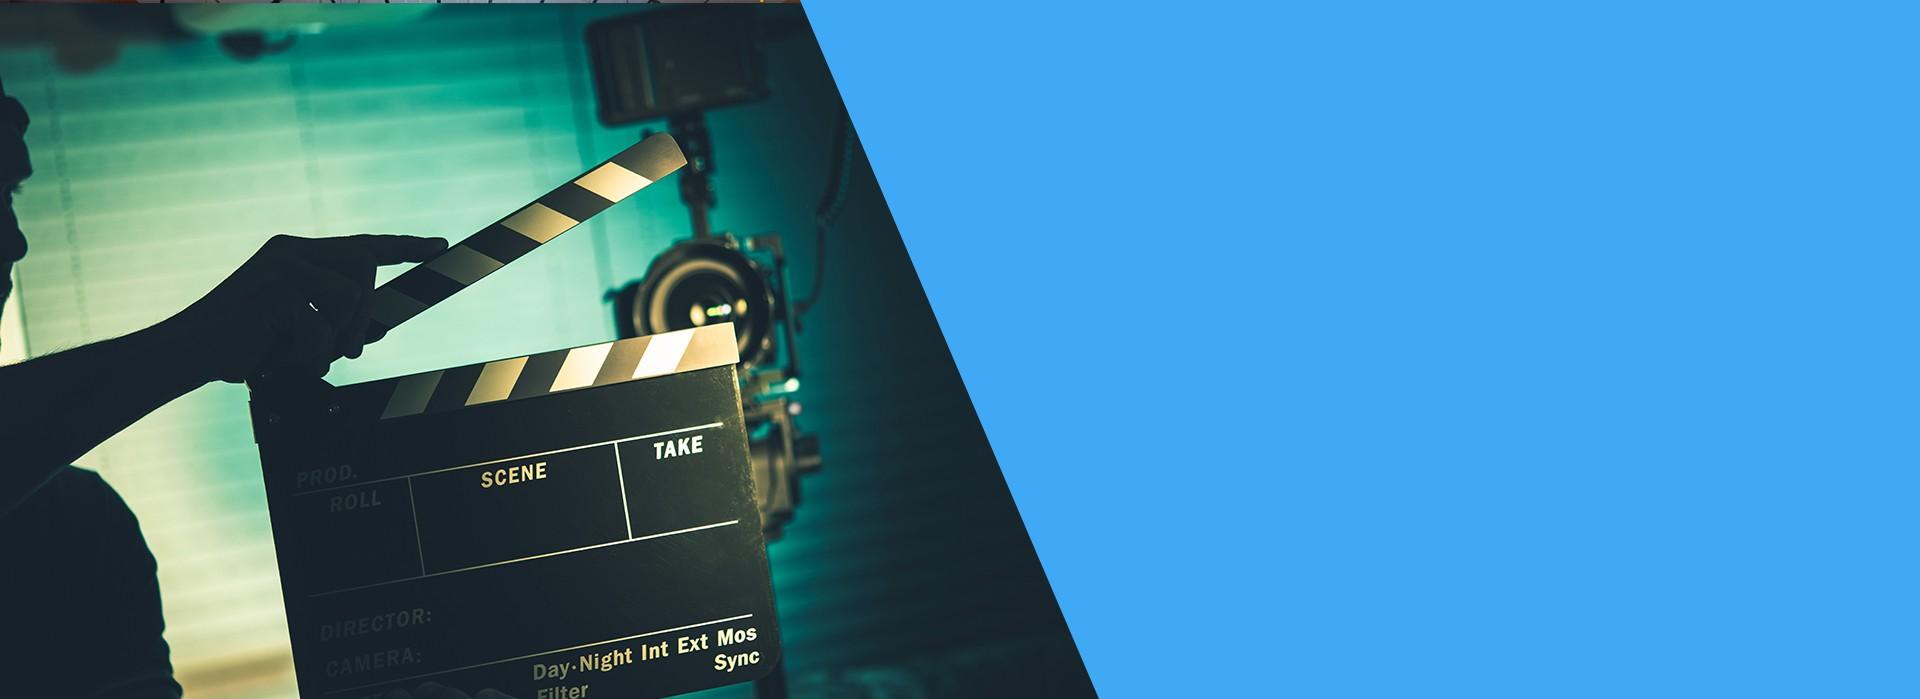 Videoproduktion im MediaComplex